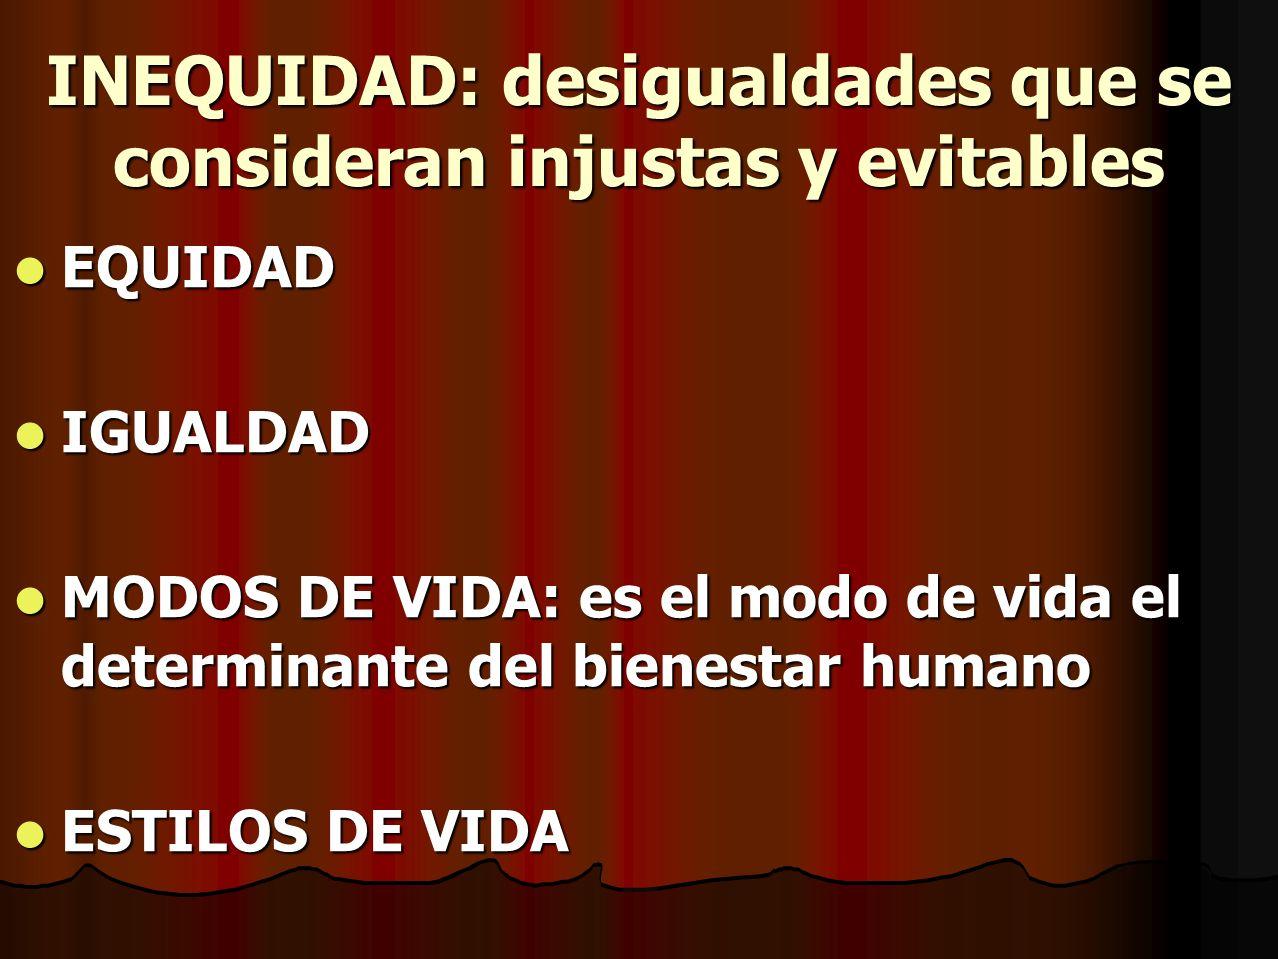 INEQUIDAD: desigualdades que se consideran injustas y evitables